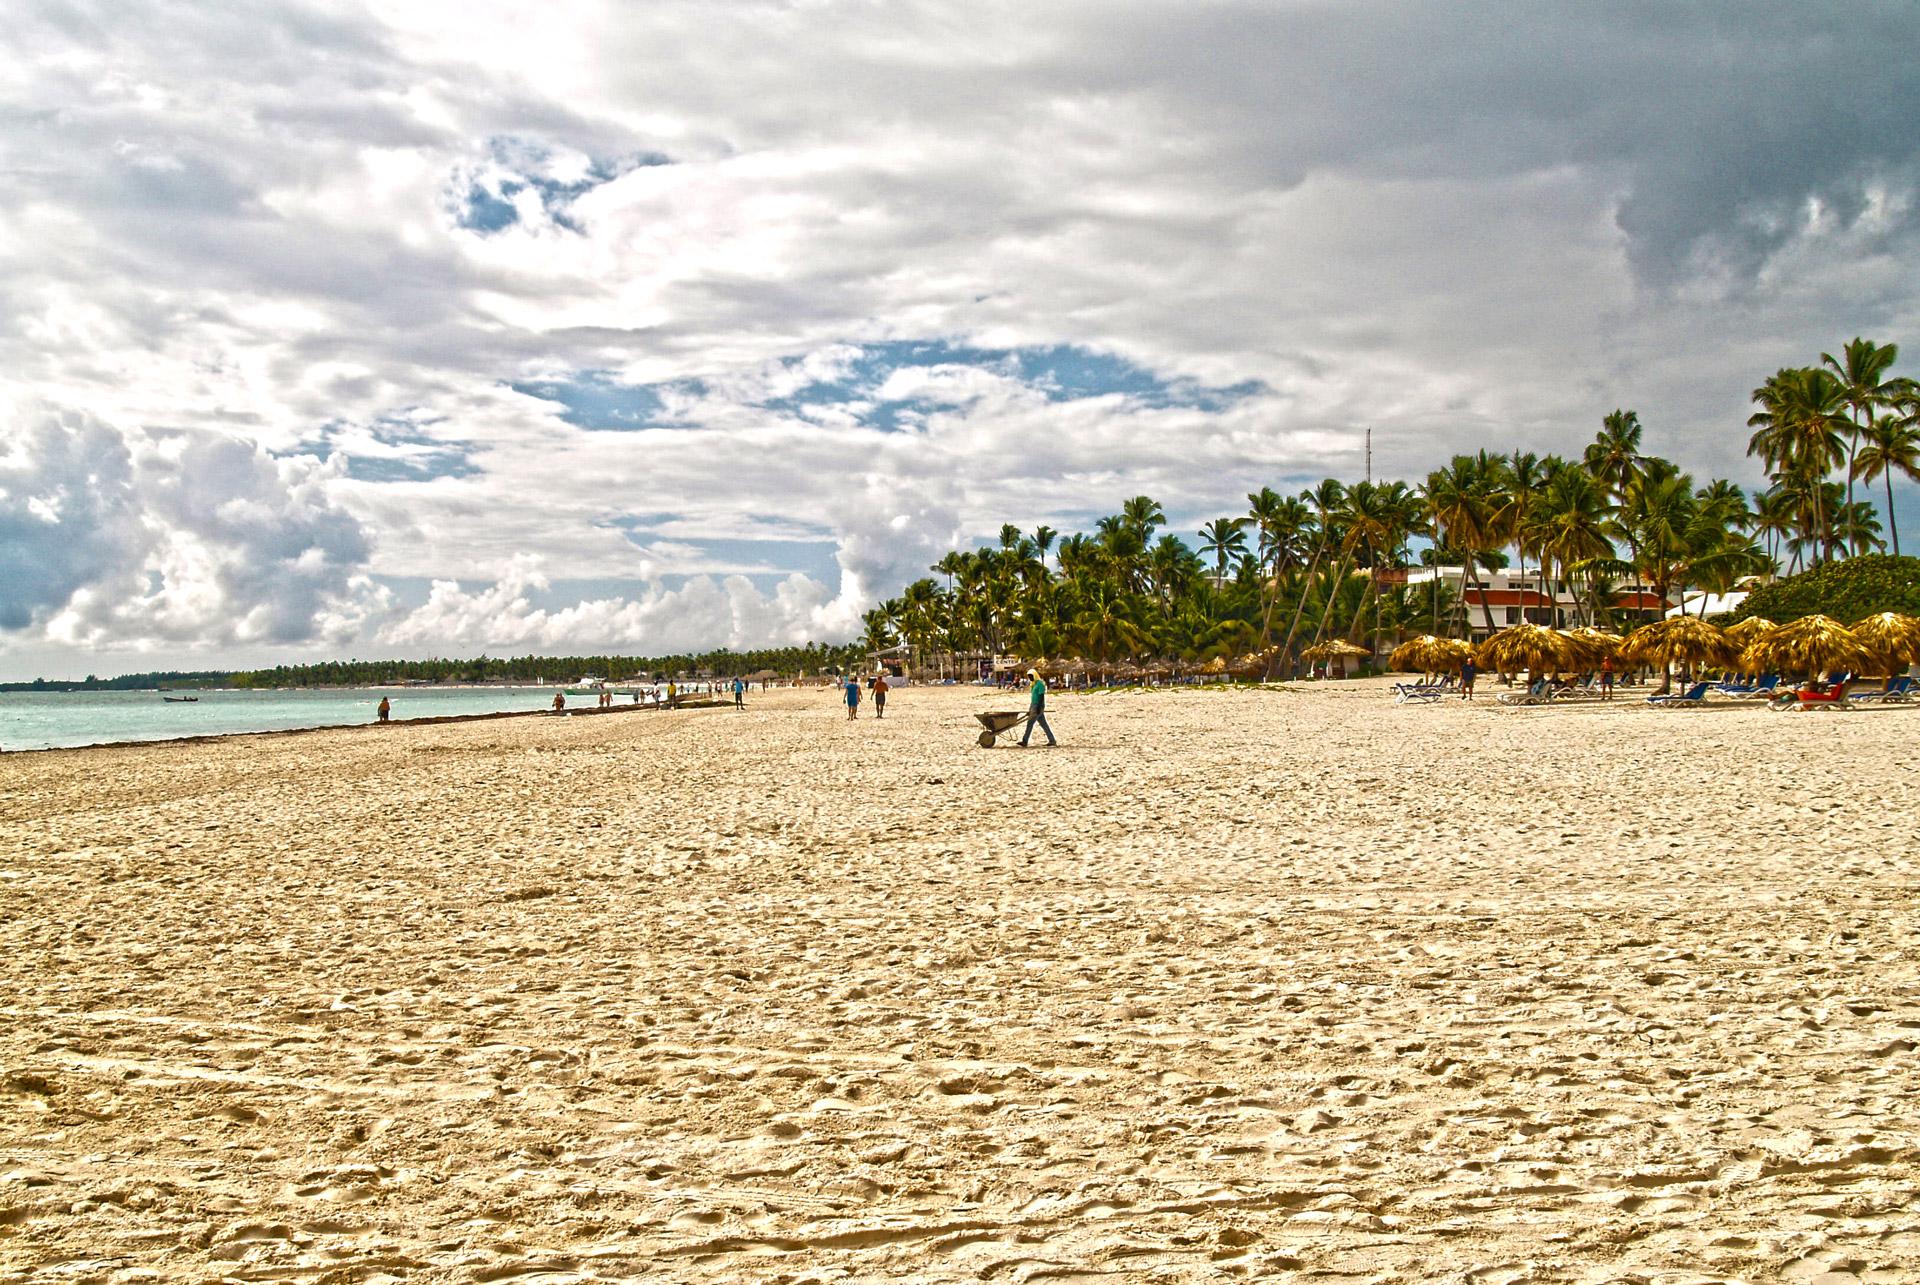 ARREGLANDO EL MUNDO. (REPÚBLICA DOMINICANA)